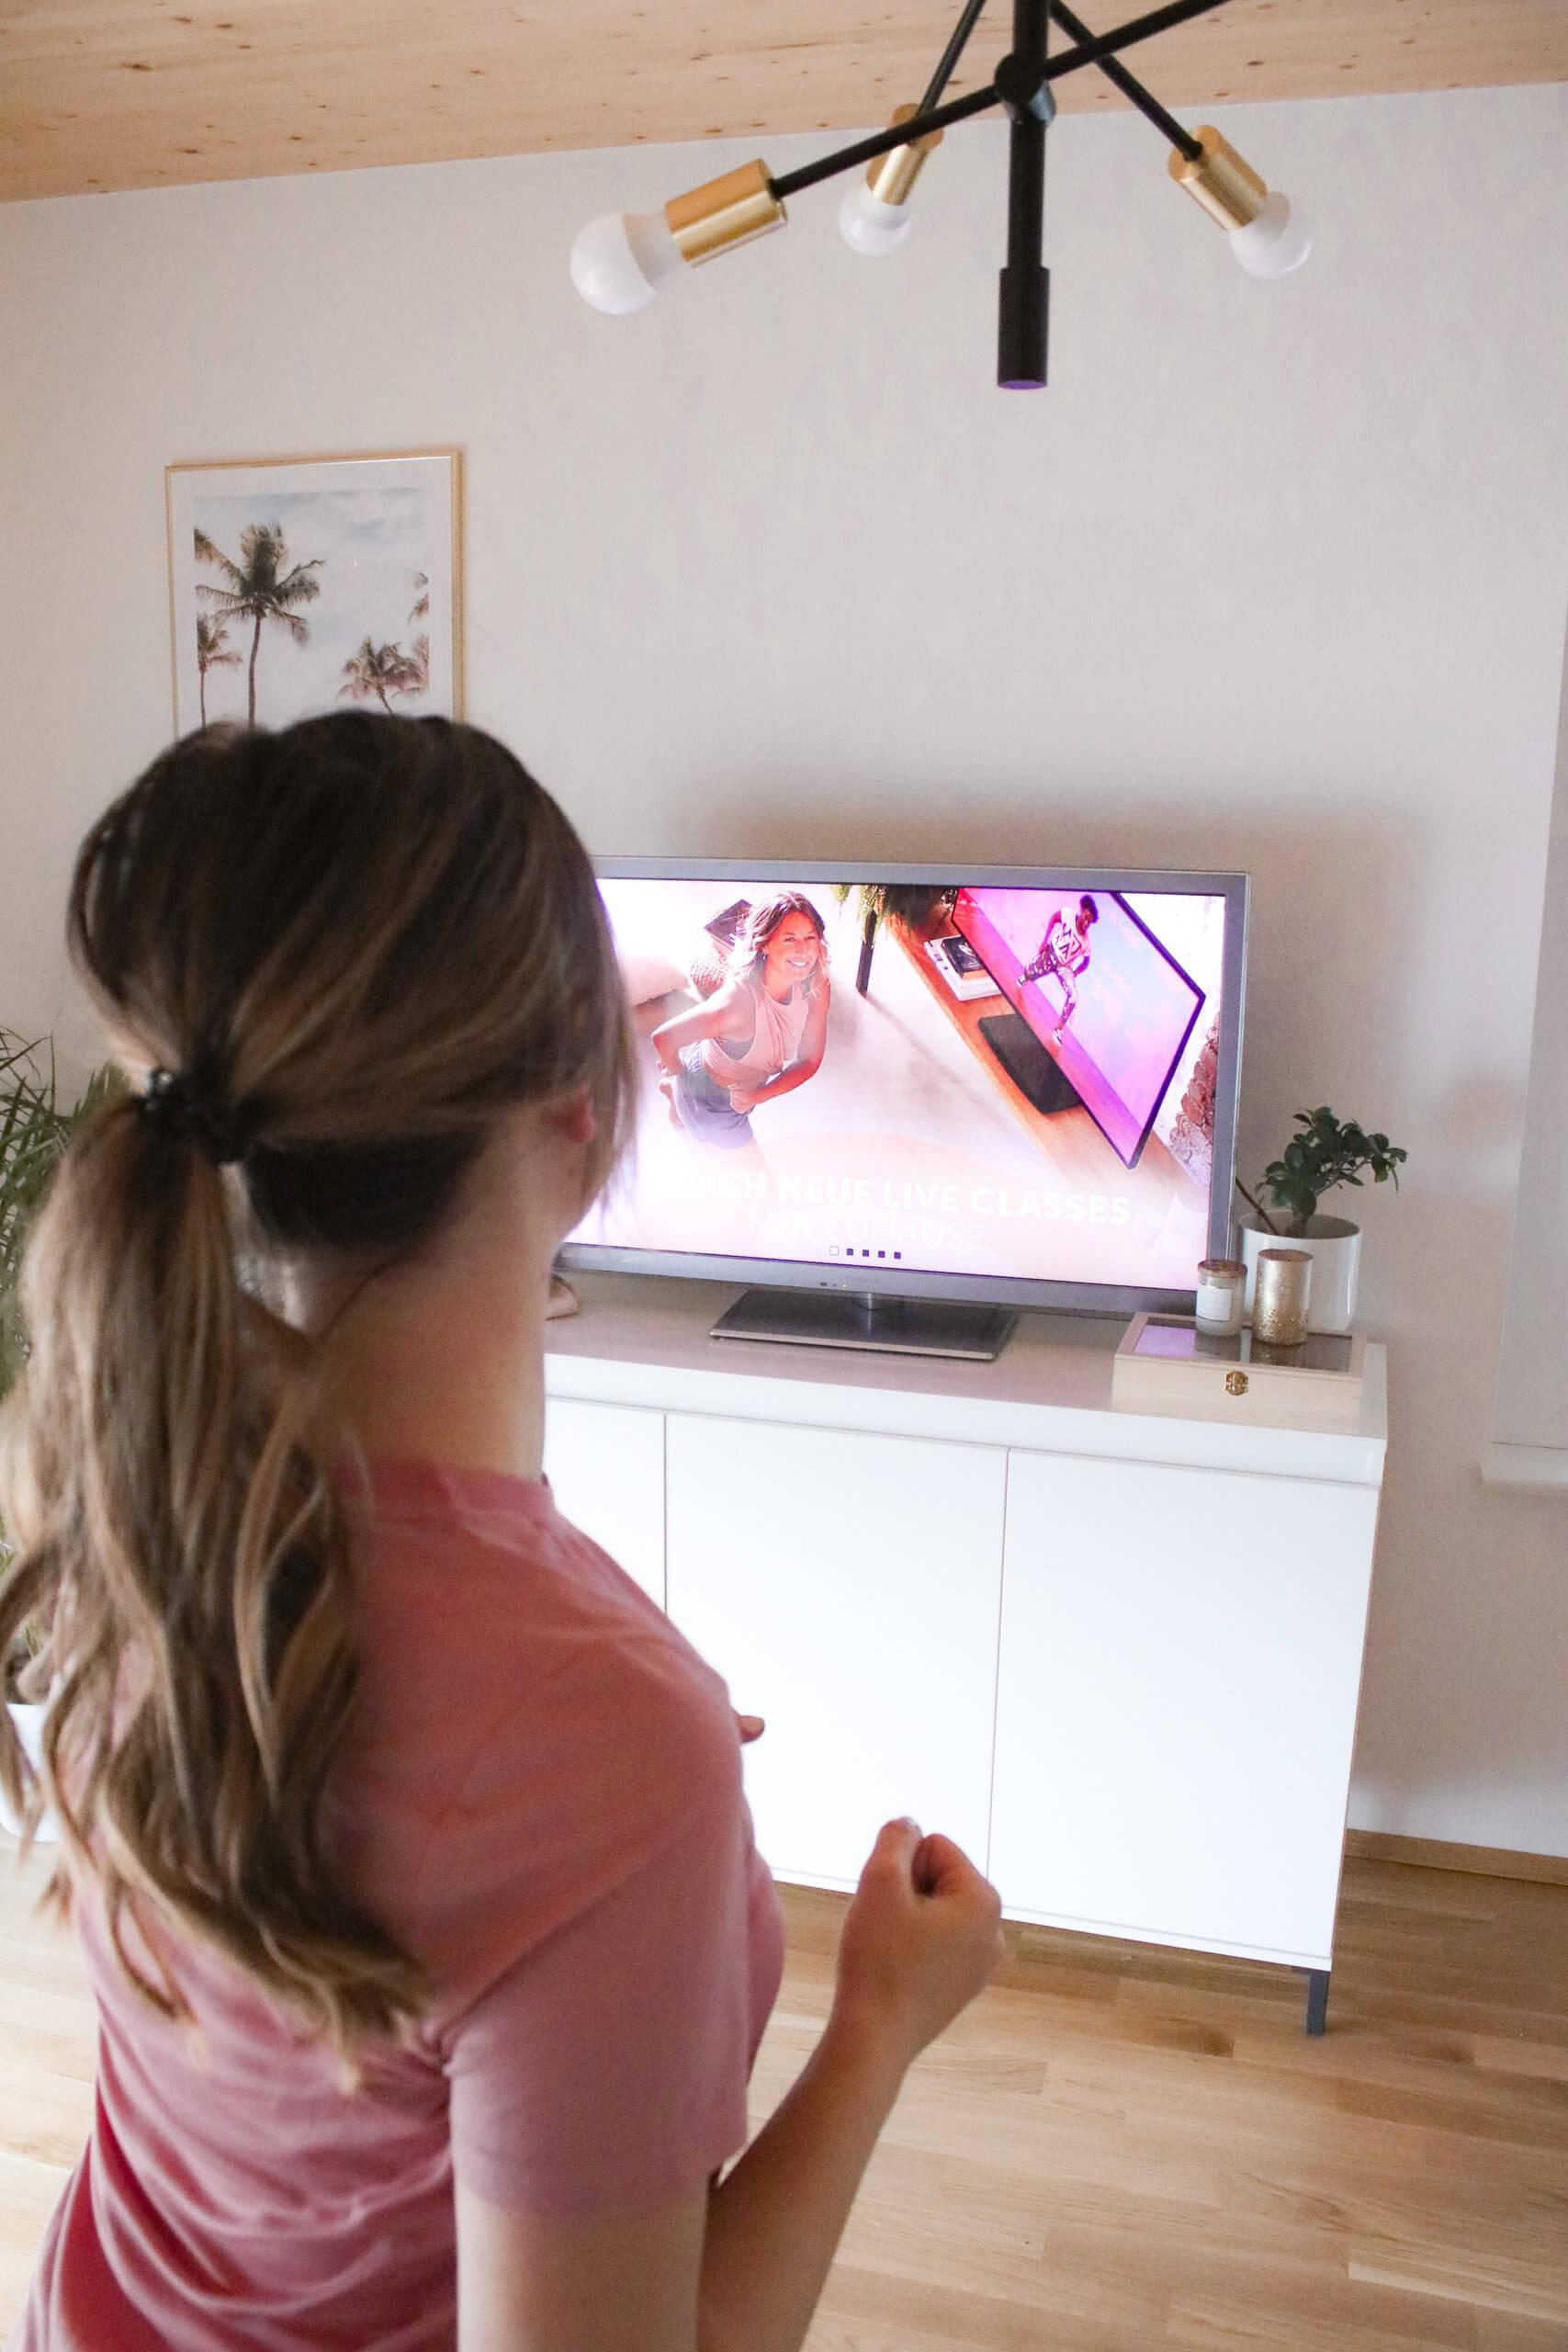 Kostenlose Online Sportkurse - mehr Sportmotivation für's Training Zuhause